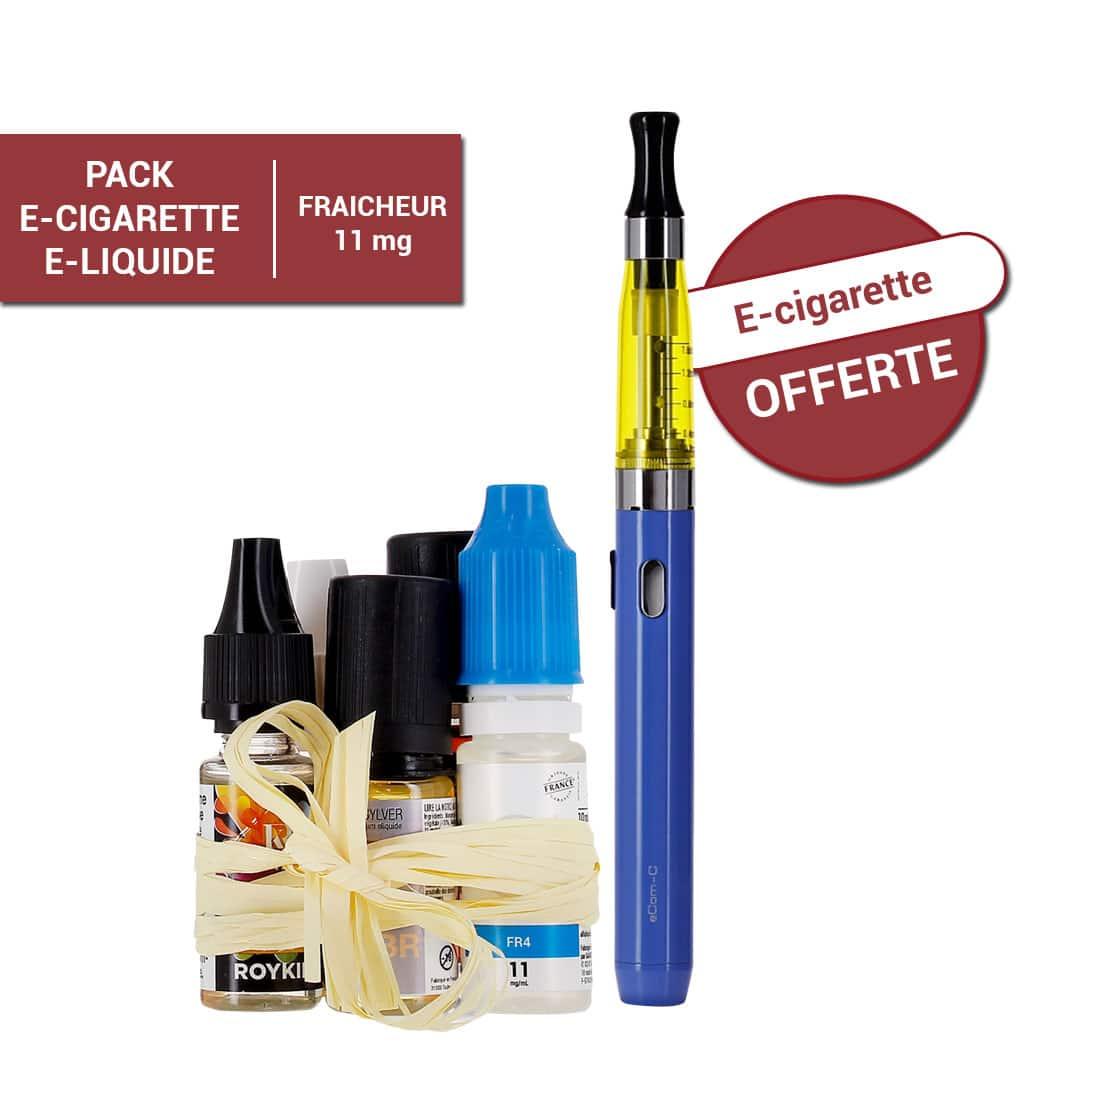 Photo de Pack e-cigarette e-liquide 11 mg Fraîcheur